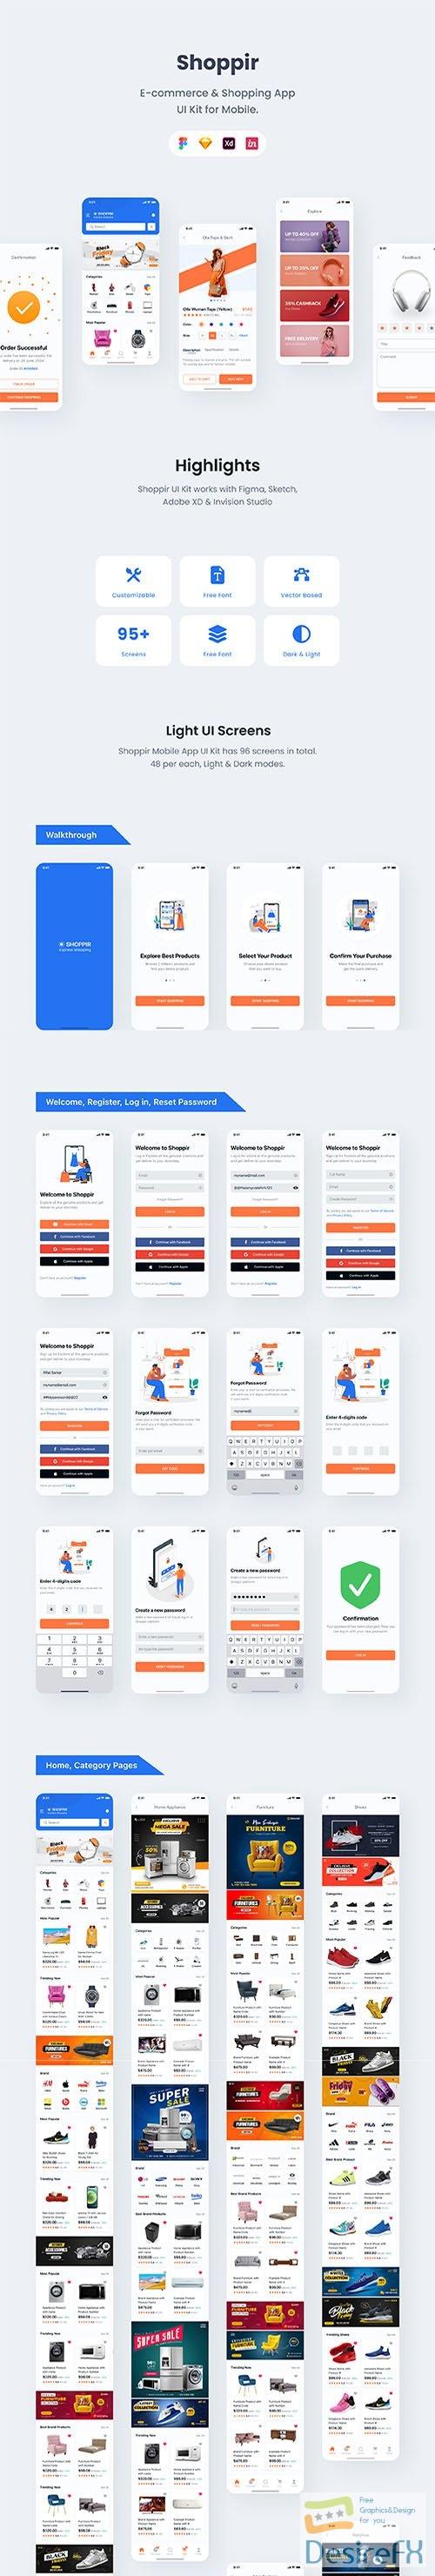 Shoppir - Shopping & E-commerce App UI Kit - UI8